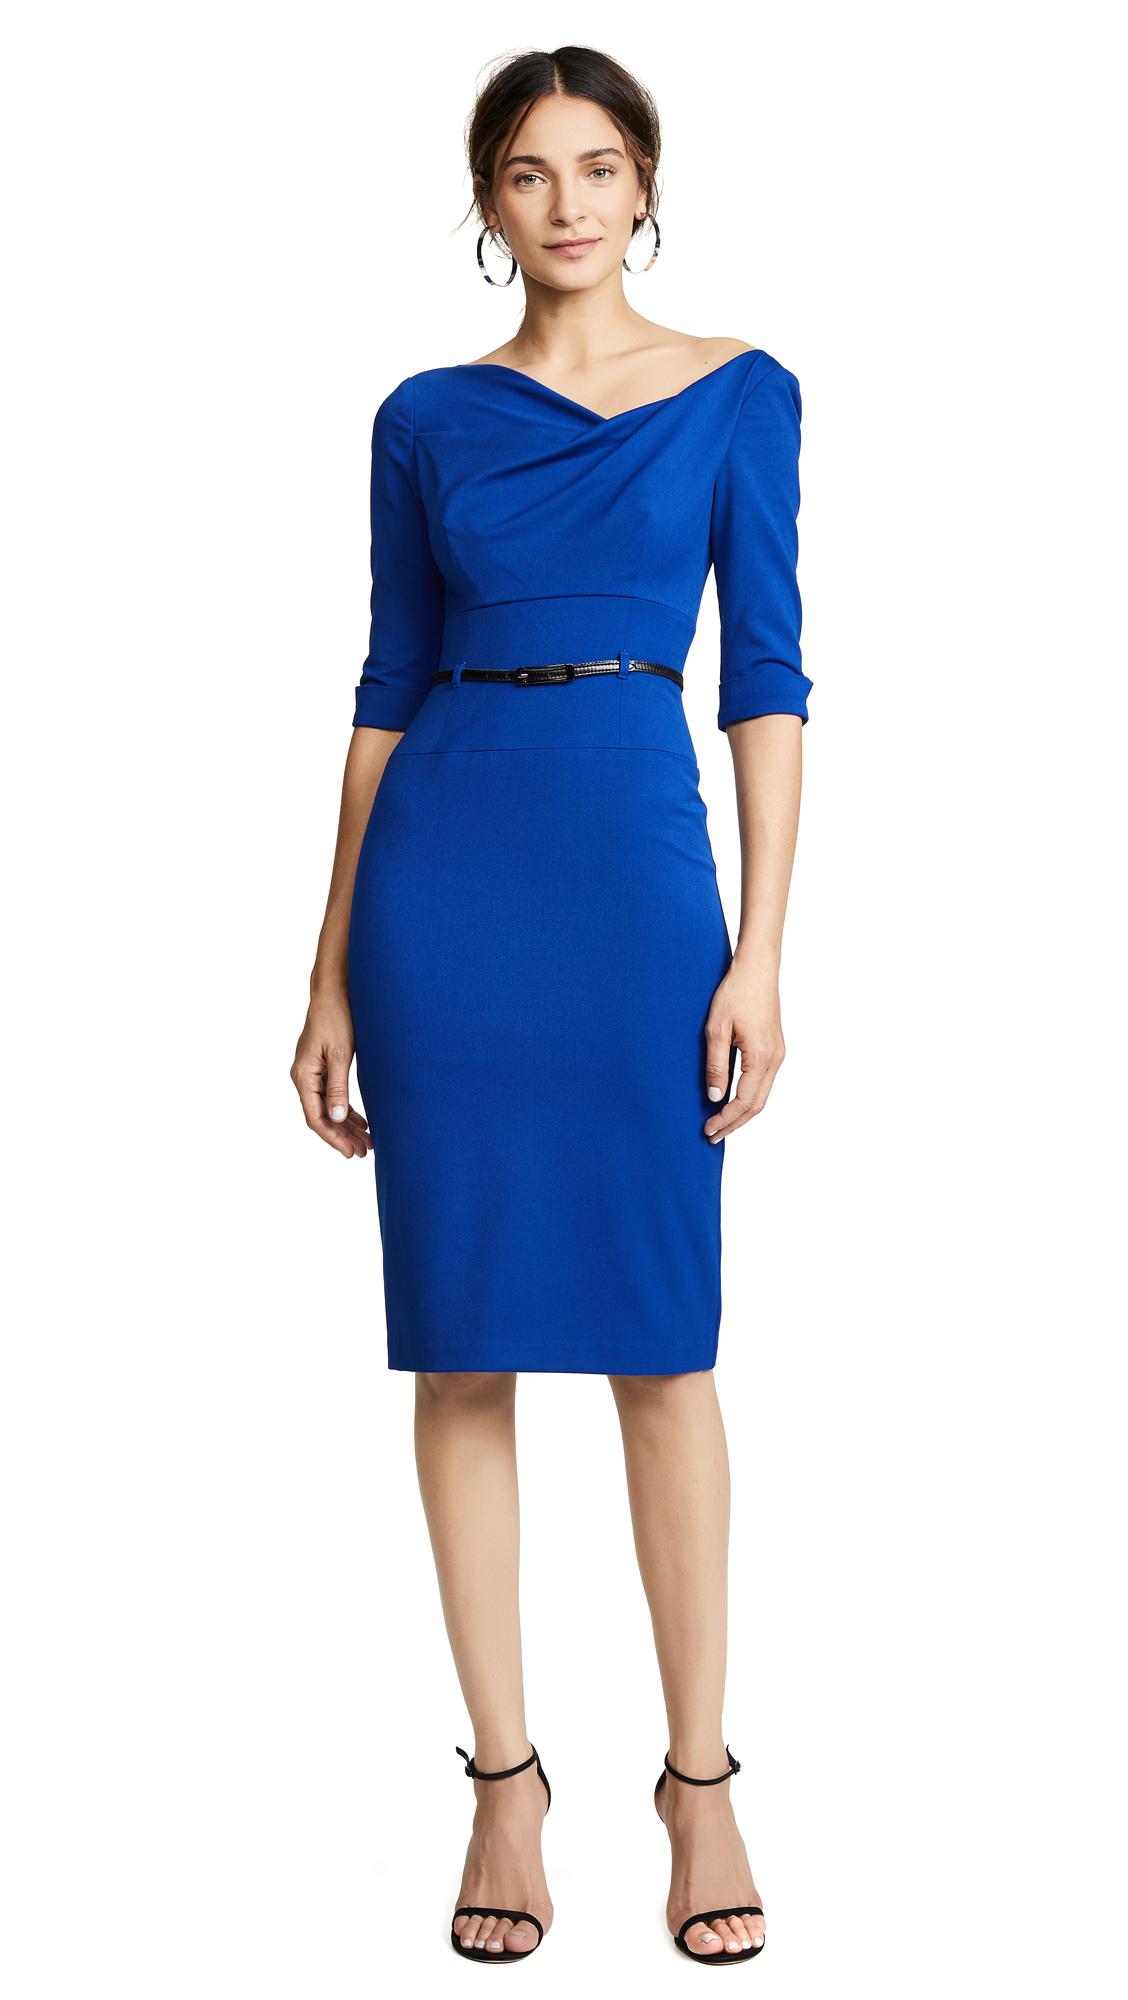 Black Halo 3/4 Sleeve Jackie O Dress - Cobalt